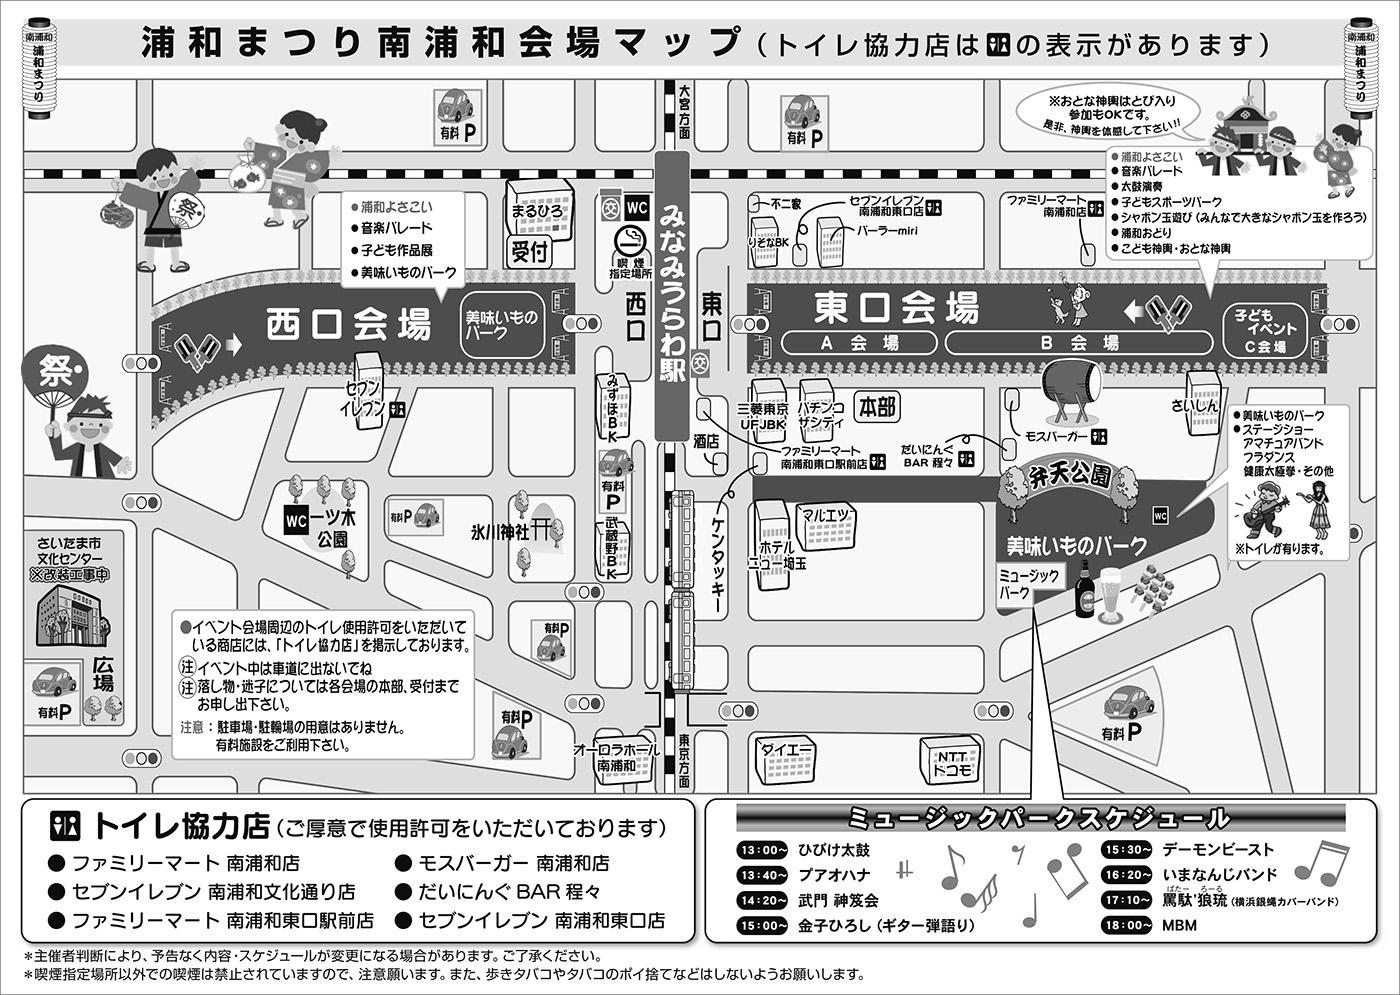 第16回浦和よさこい会場マップ